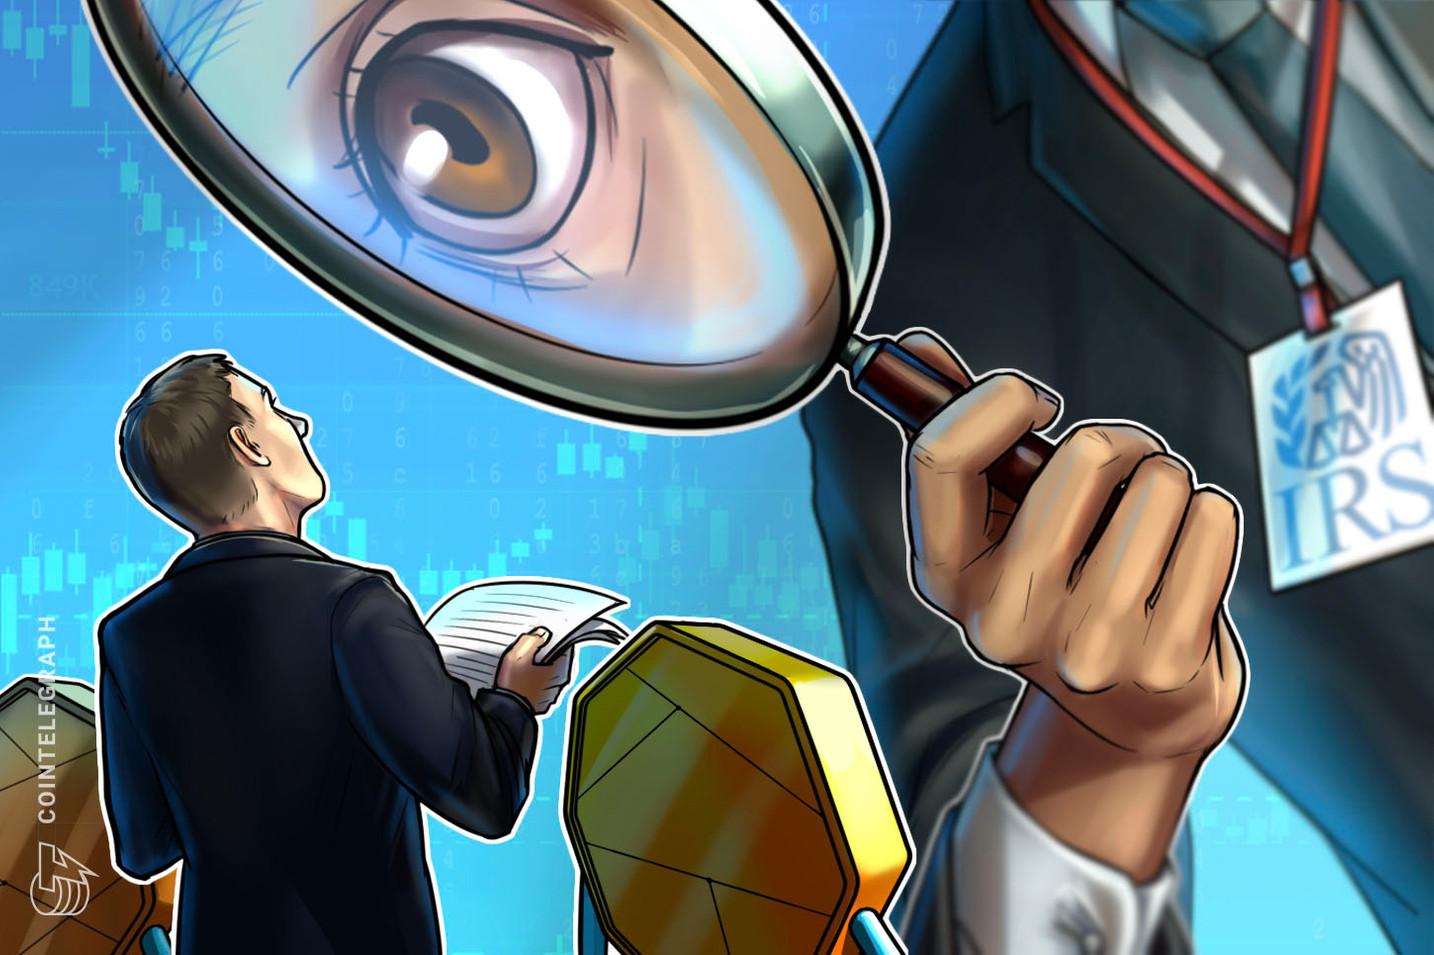 Serviço para ocultar destino e origem de Bitcoin pode ter lavado US$ 366 milhões do mercado de drogas